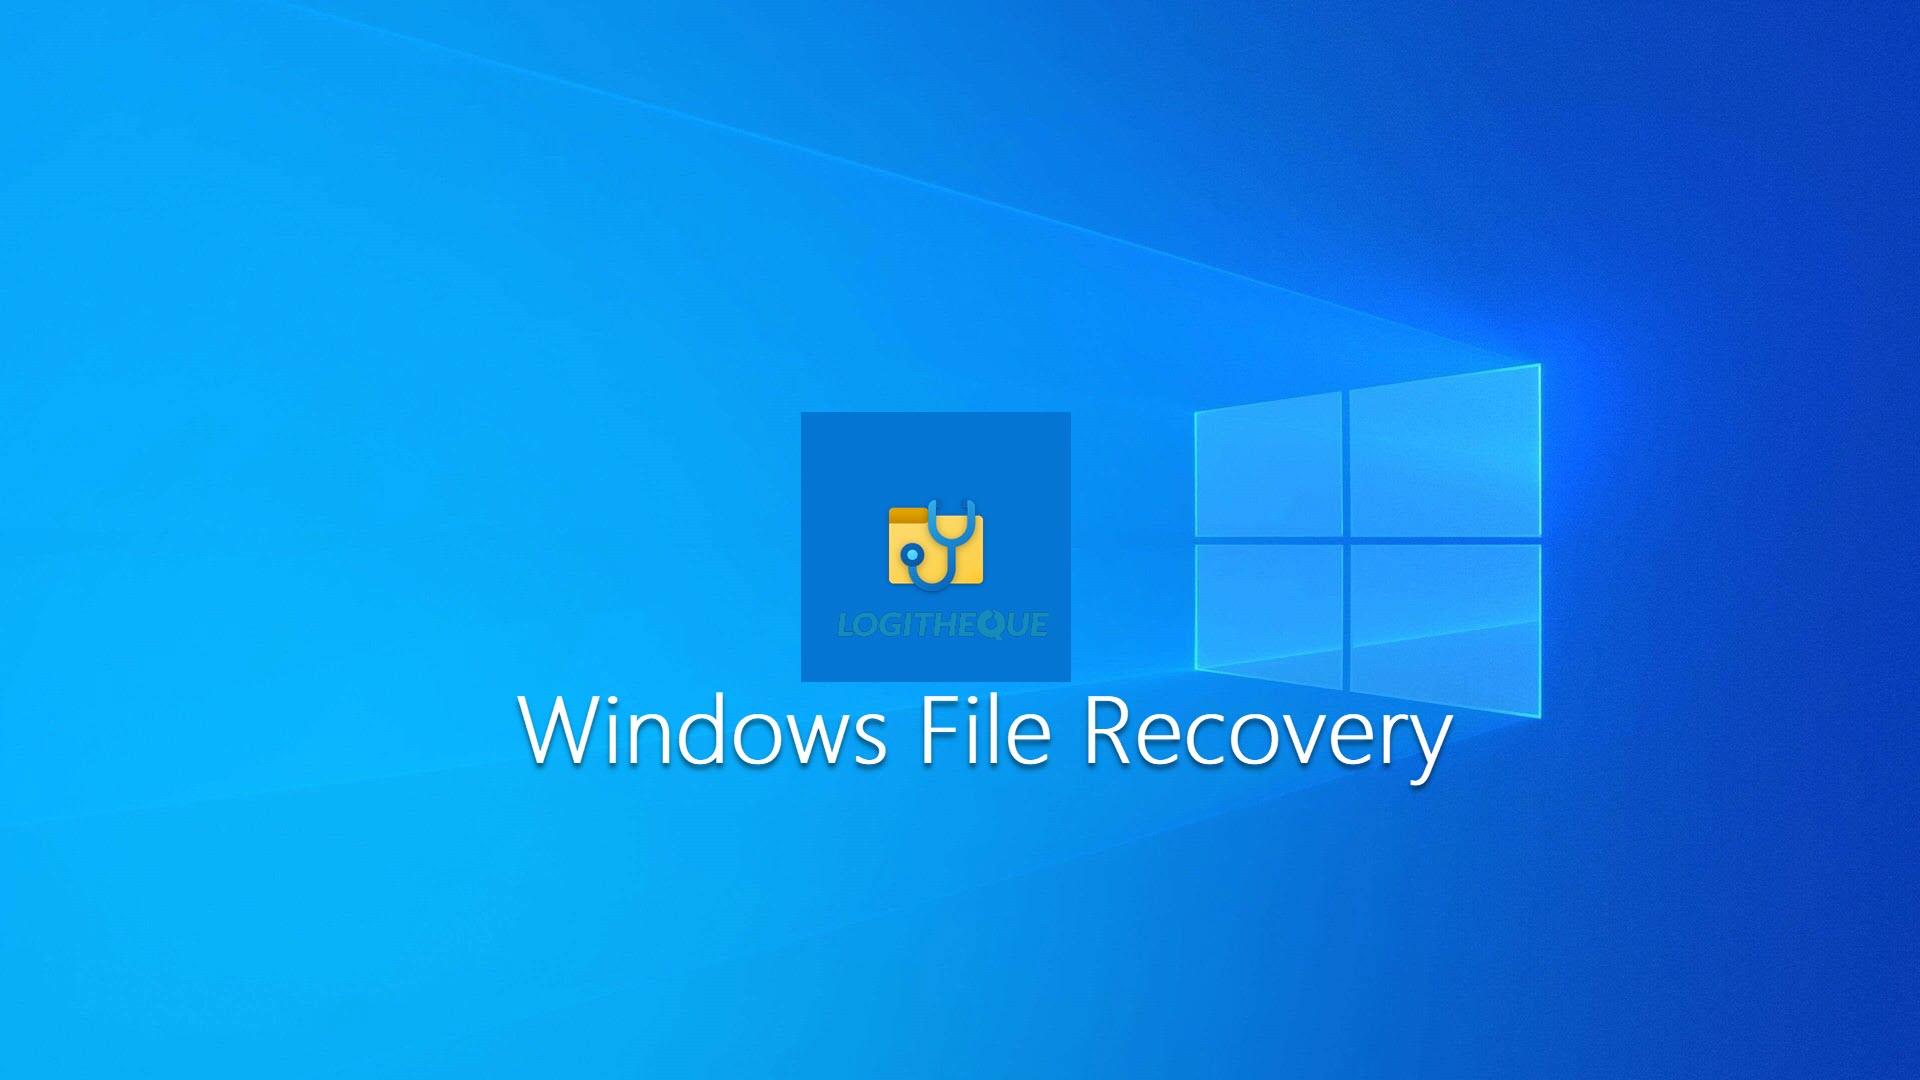 La nuova app Windows File Recovery aiuta a recuperare i dati cancellati thumbnail